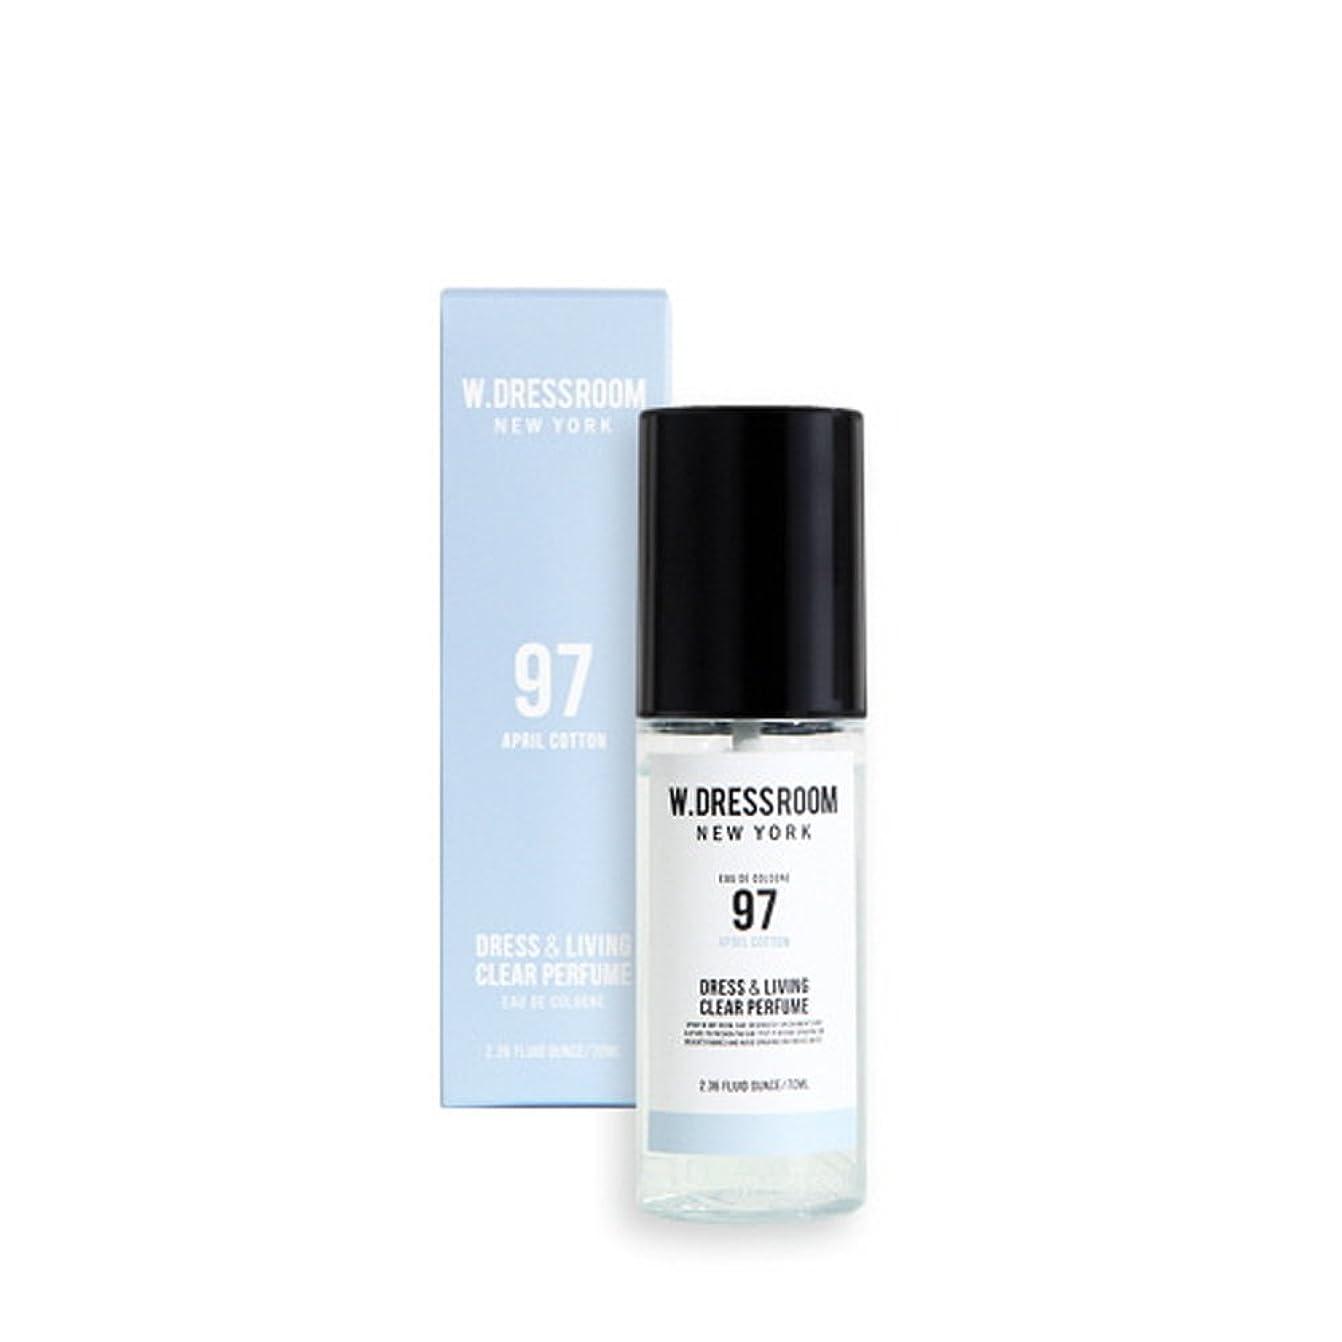 計算可能ブロー静脈W.DRESSROOM Dress & Living Clear Perfume 70ml (#No.97 April Cotton)/ダブルドレスルーム ドレス&リビング クリア パフューム 70ml (#No.97 April Cotton) [並行輸入品]